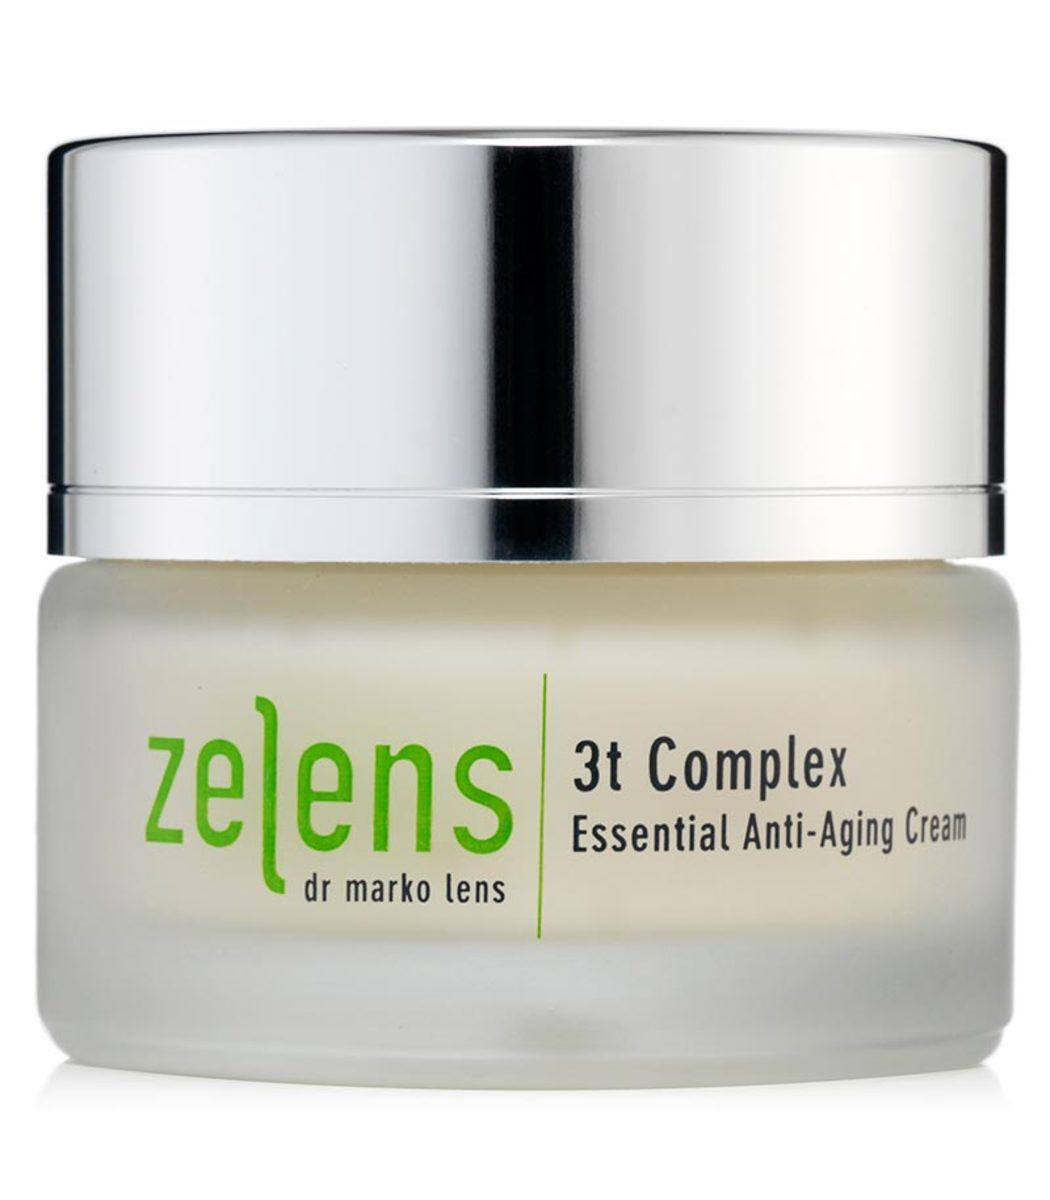 Zelens 3t Complex Essential Anti-Aging Cream